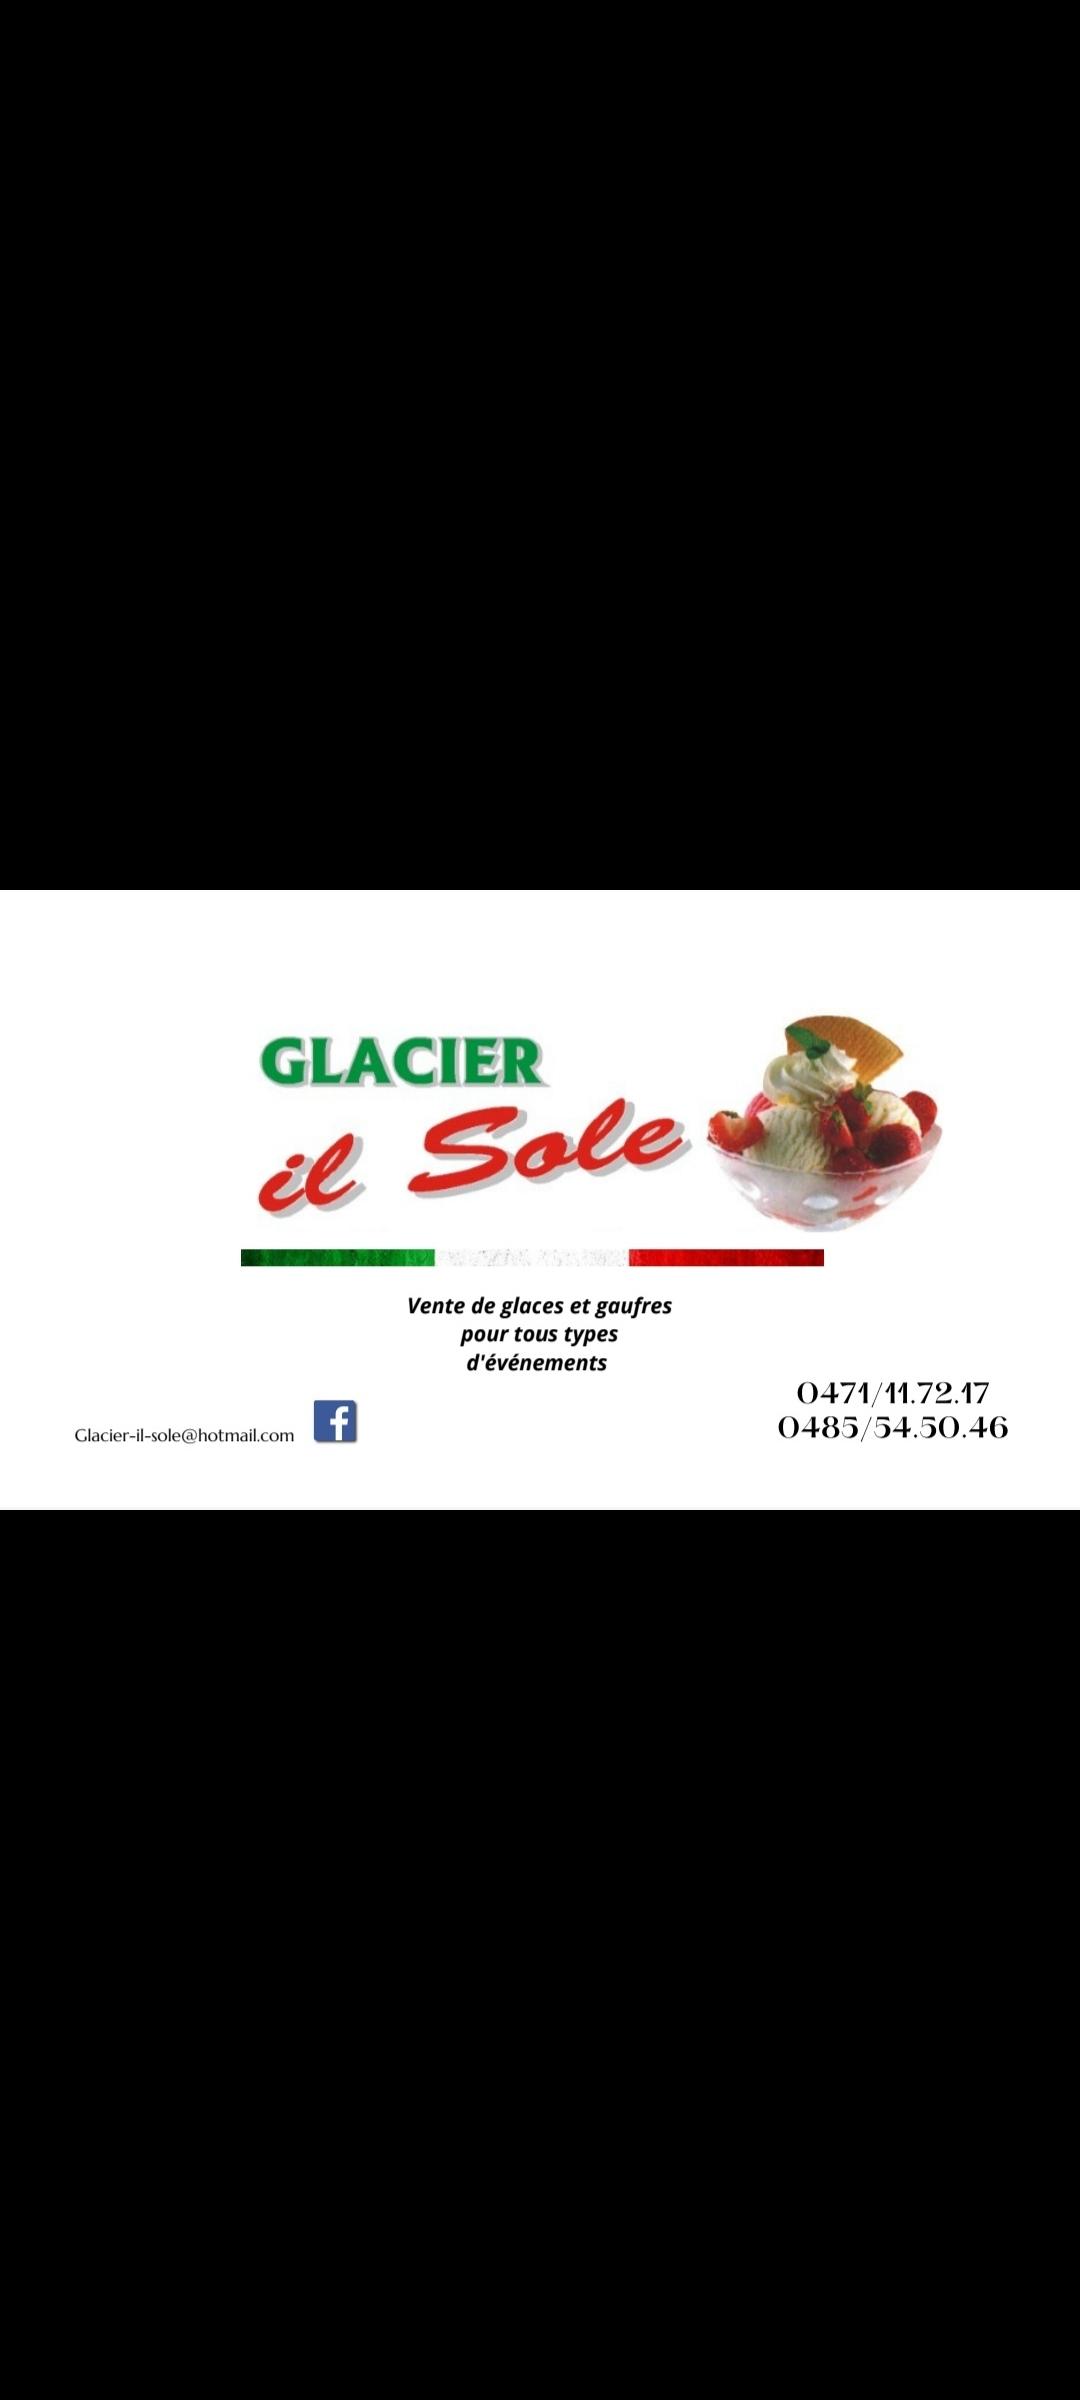 Glacier il sole